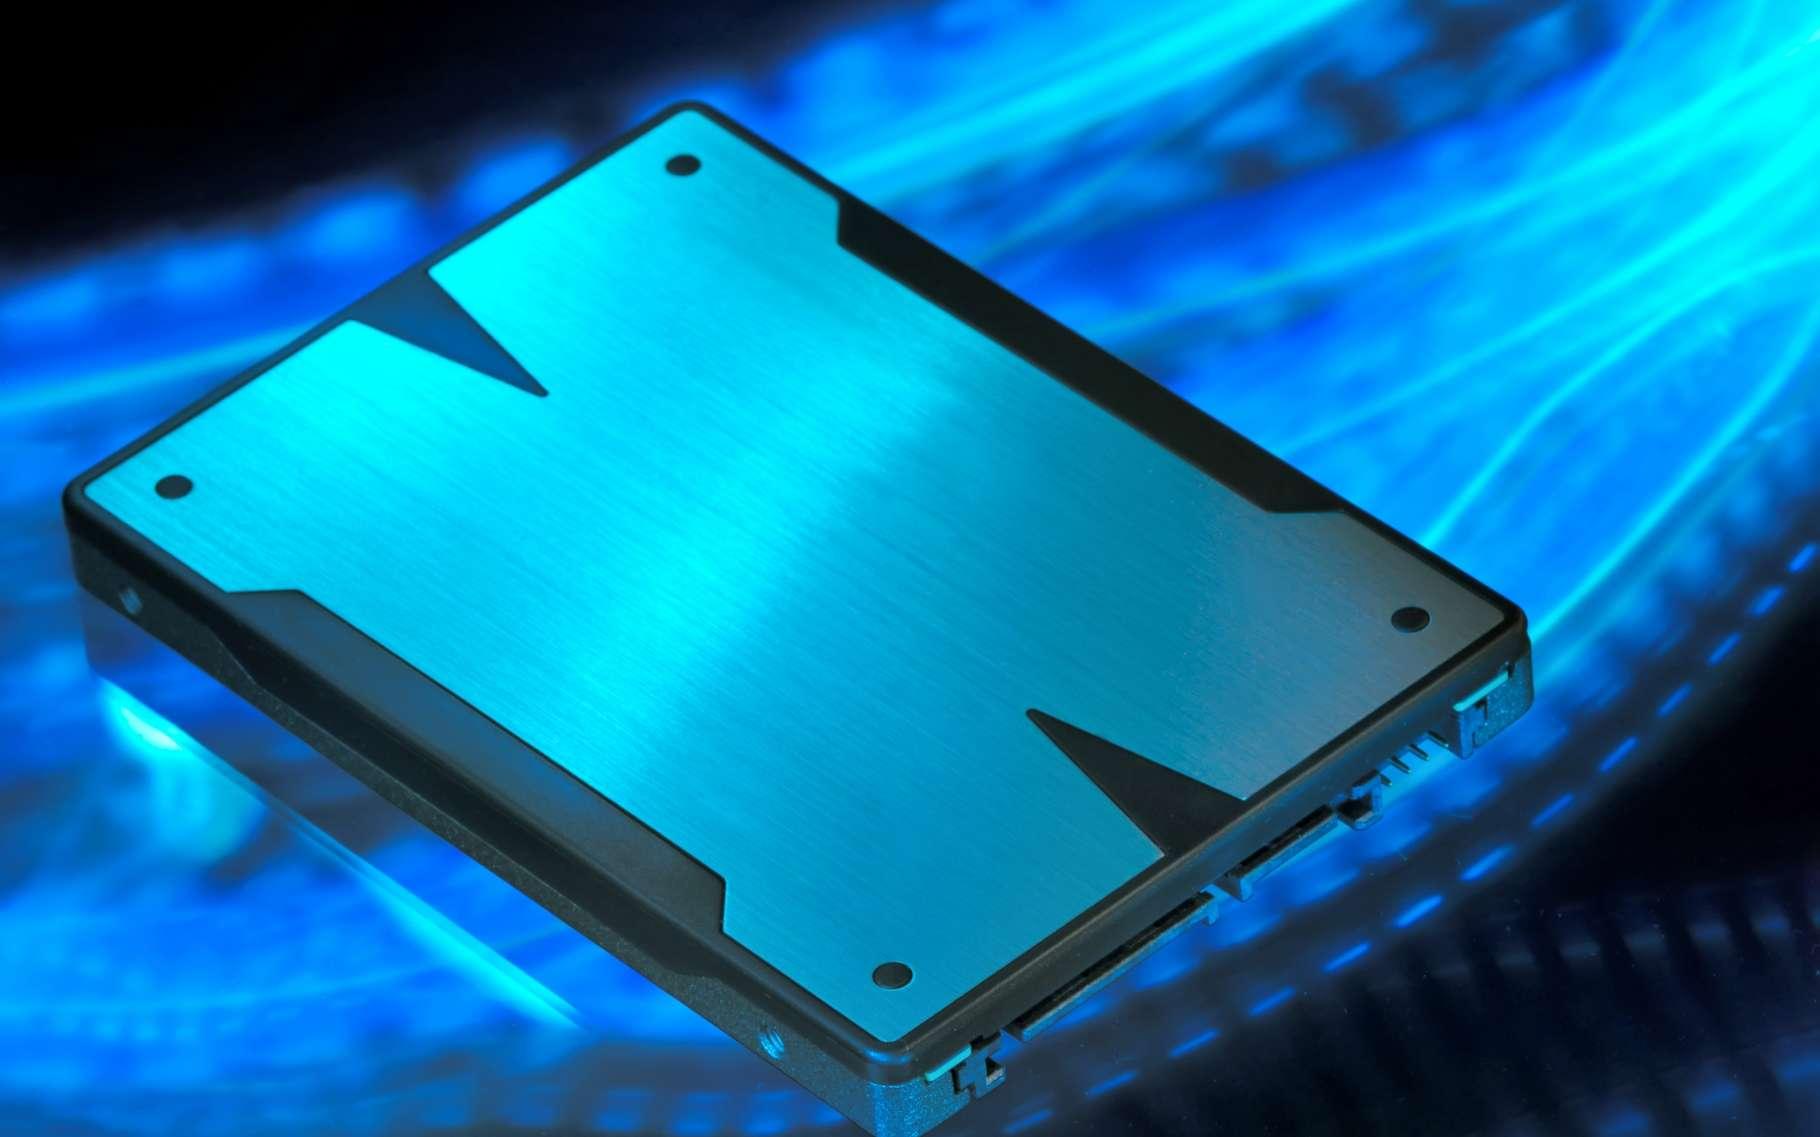 Avec près de 16 téraoctets, le nouveau SSD de Samsung s'adresse avant tout aux professionnels qui pratiquent l'archivage d'importants volumes de données. © Mady70, Shutterstock